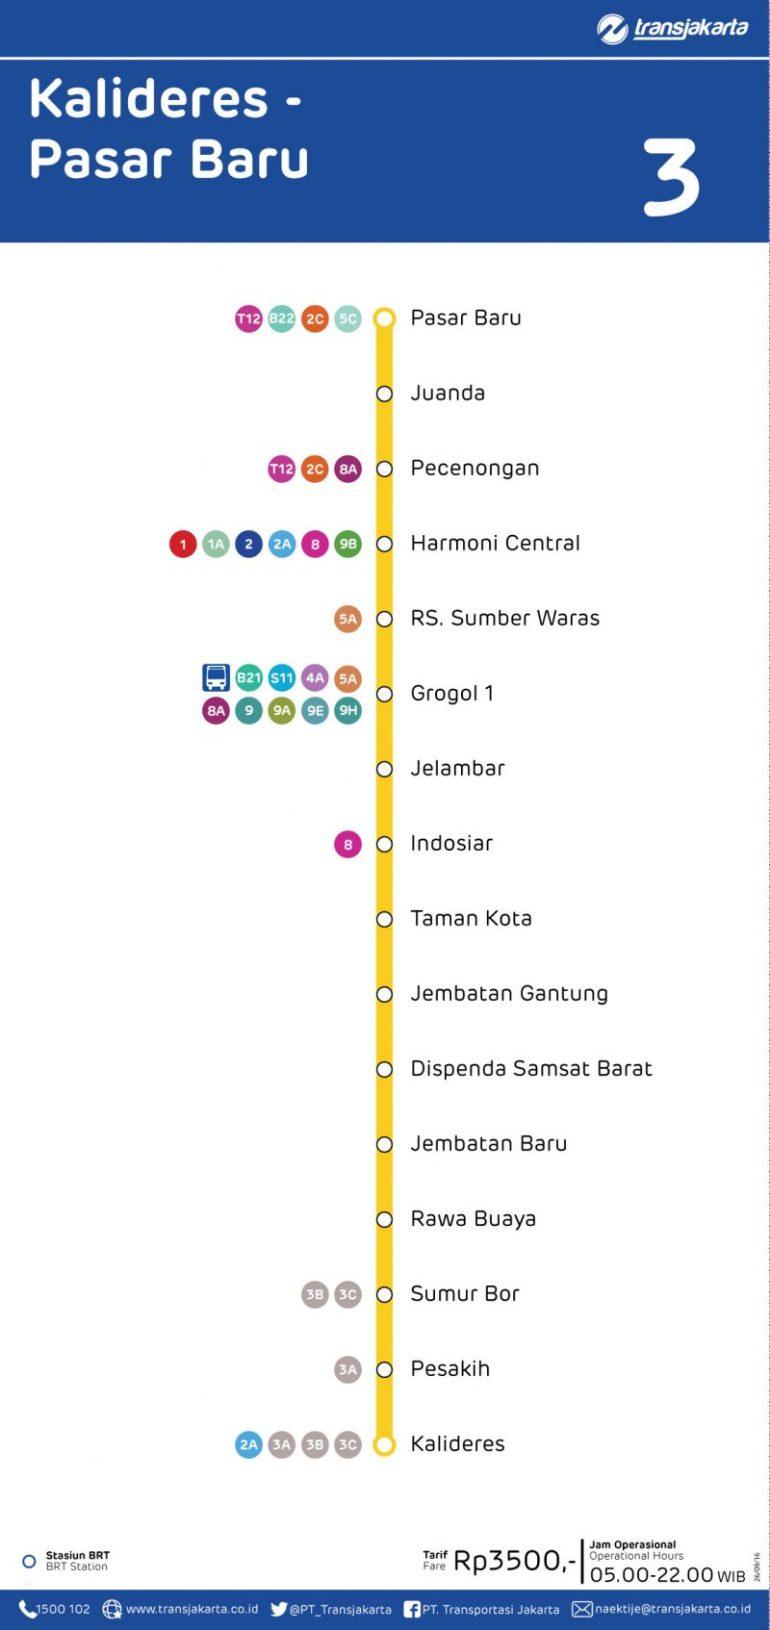 Koridor 3 Terminal Kalideres sampai Stasiun BRT Pasar Baru